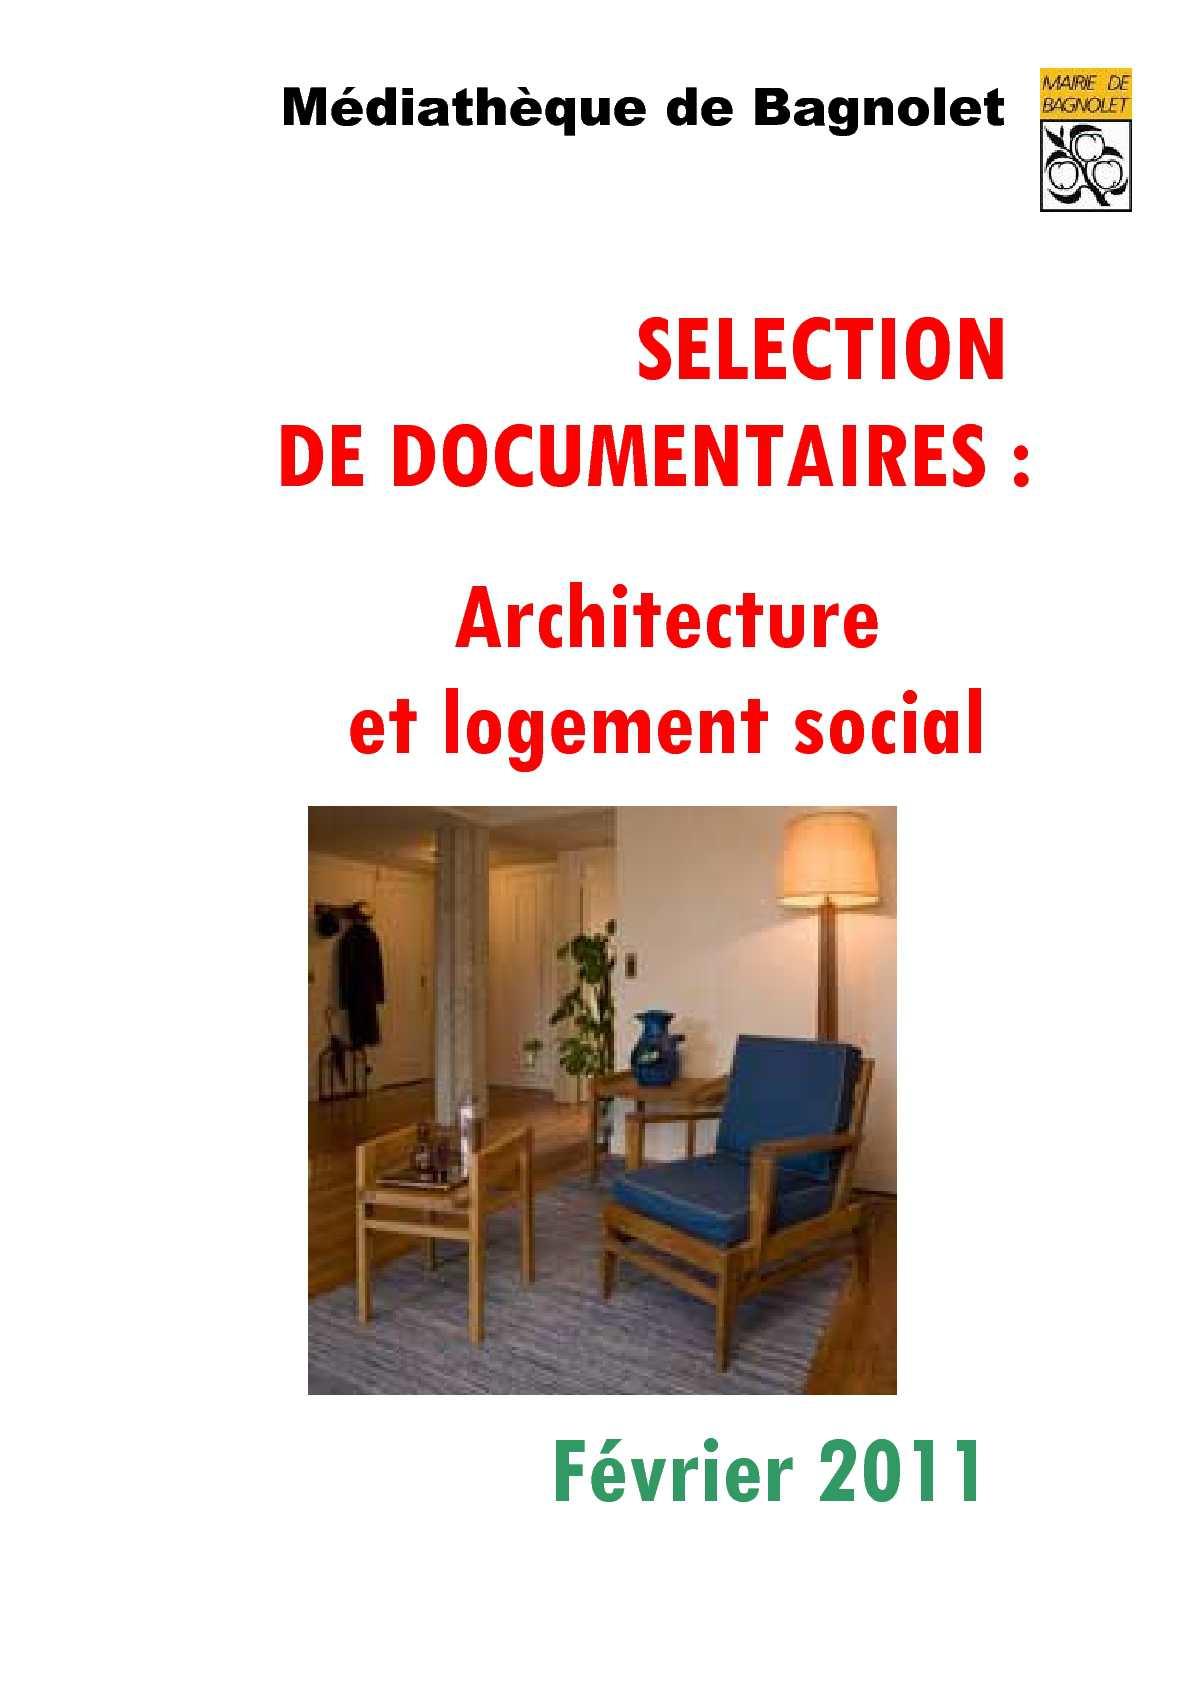 calaméo - sélection de documentaires, architecture et logement social